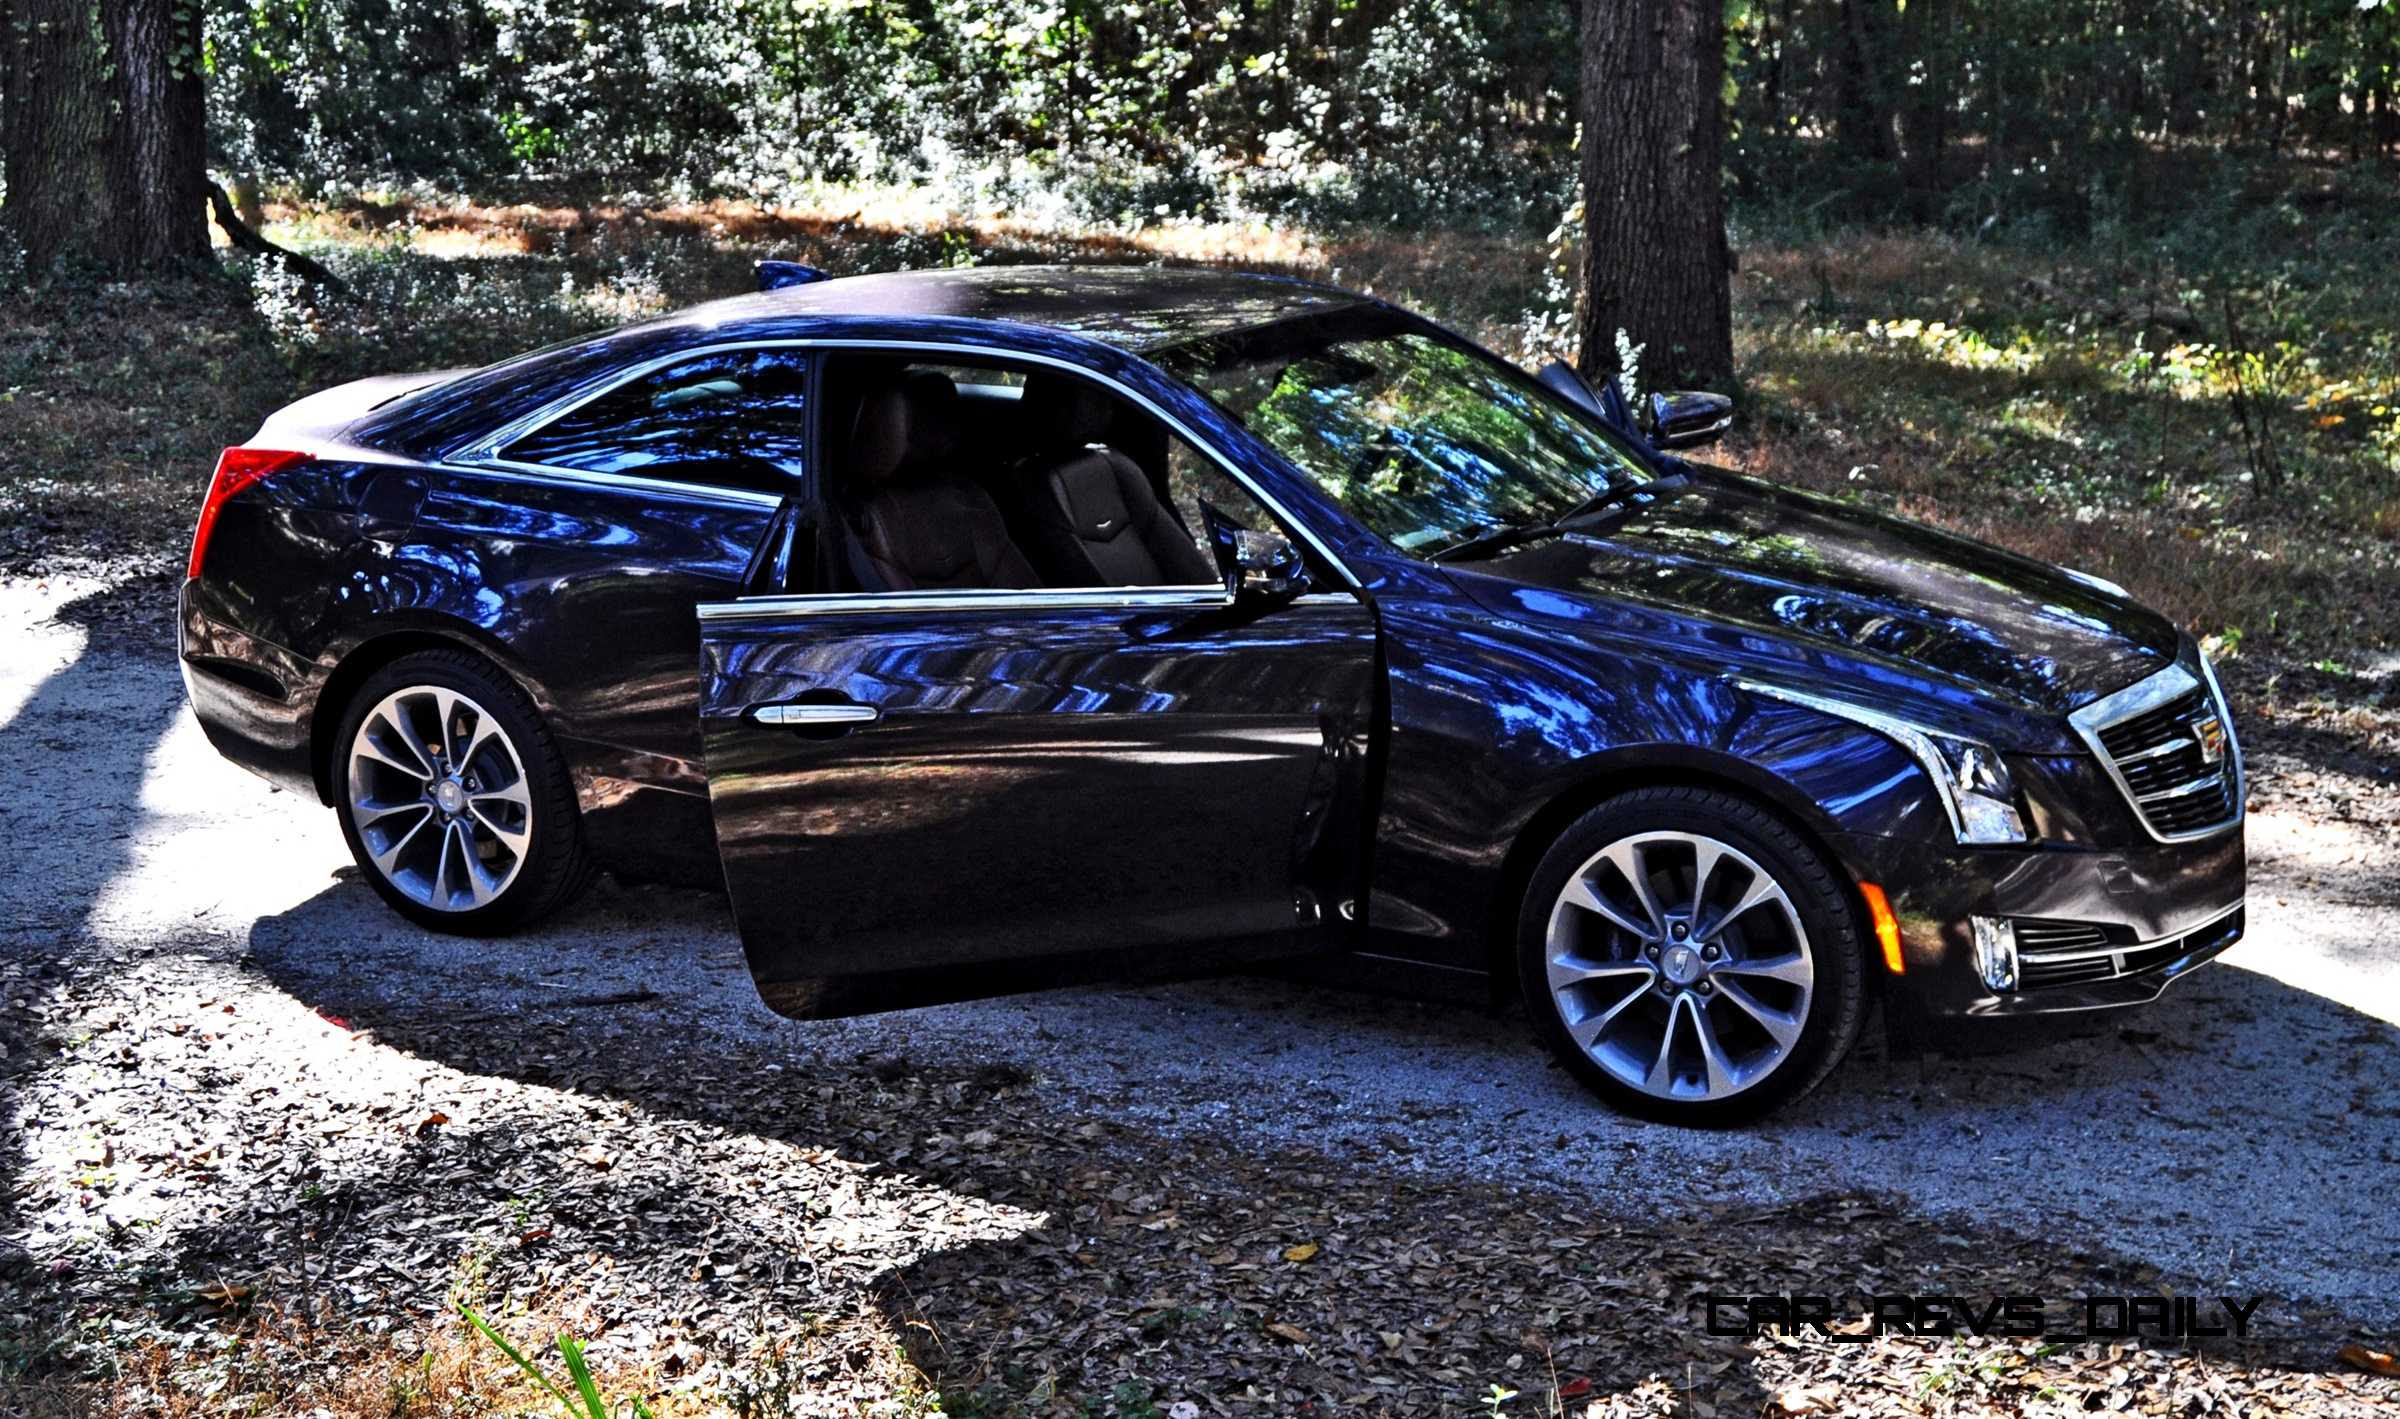 2015 Cadillac ATS Coupe Photos